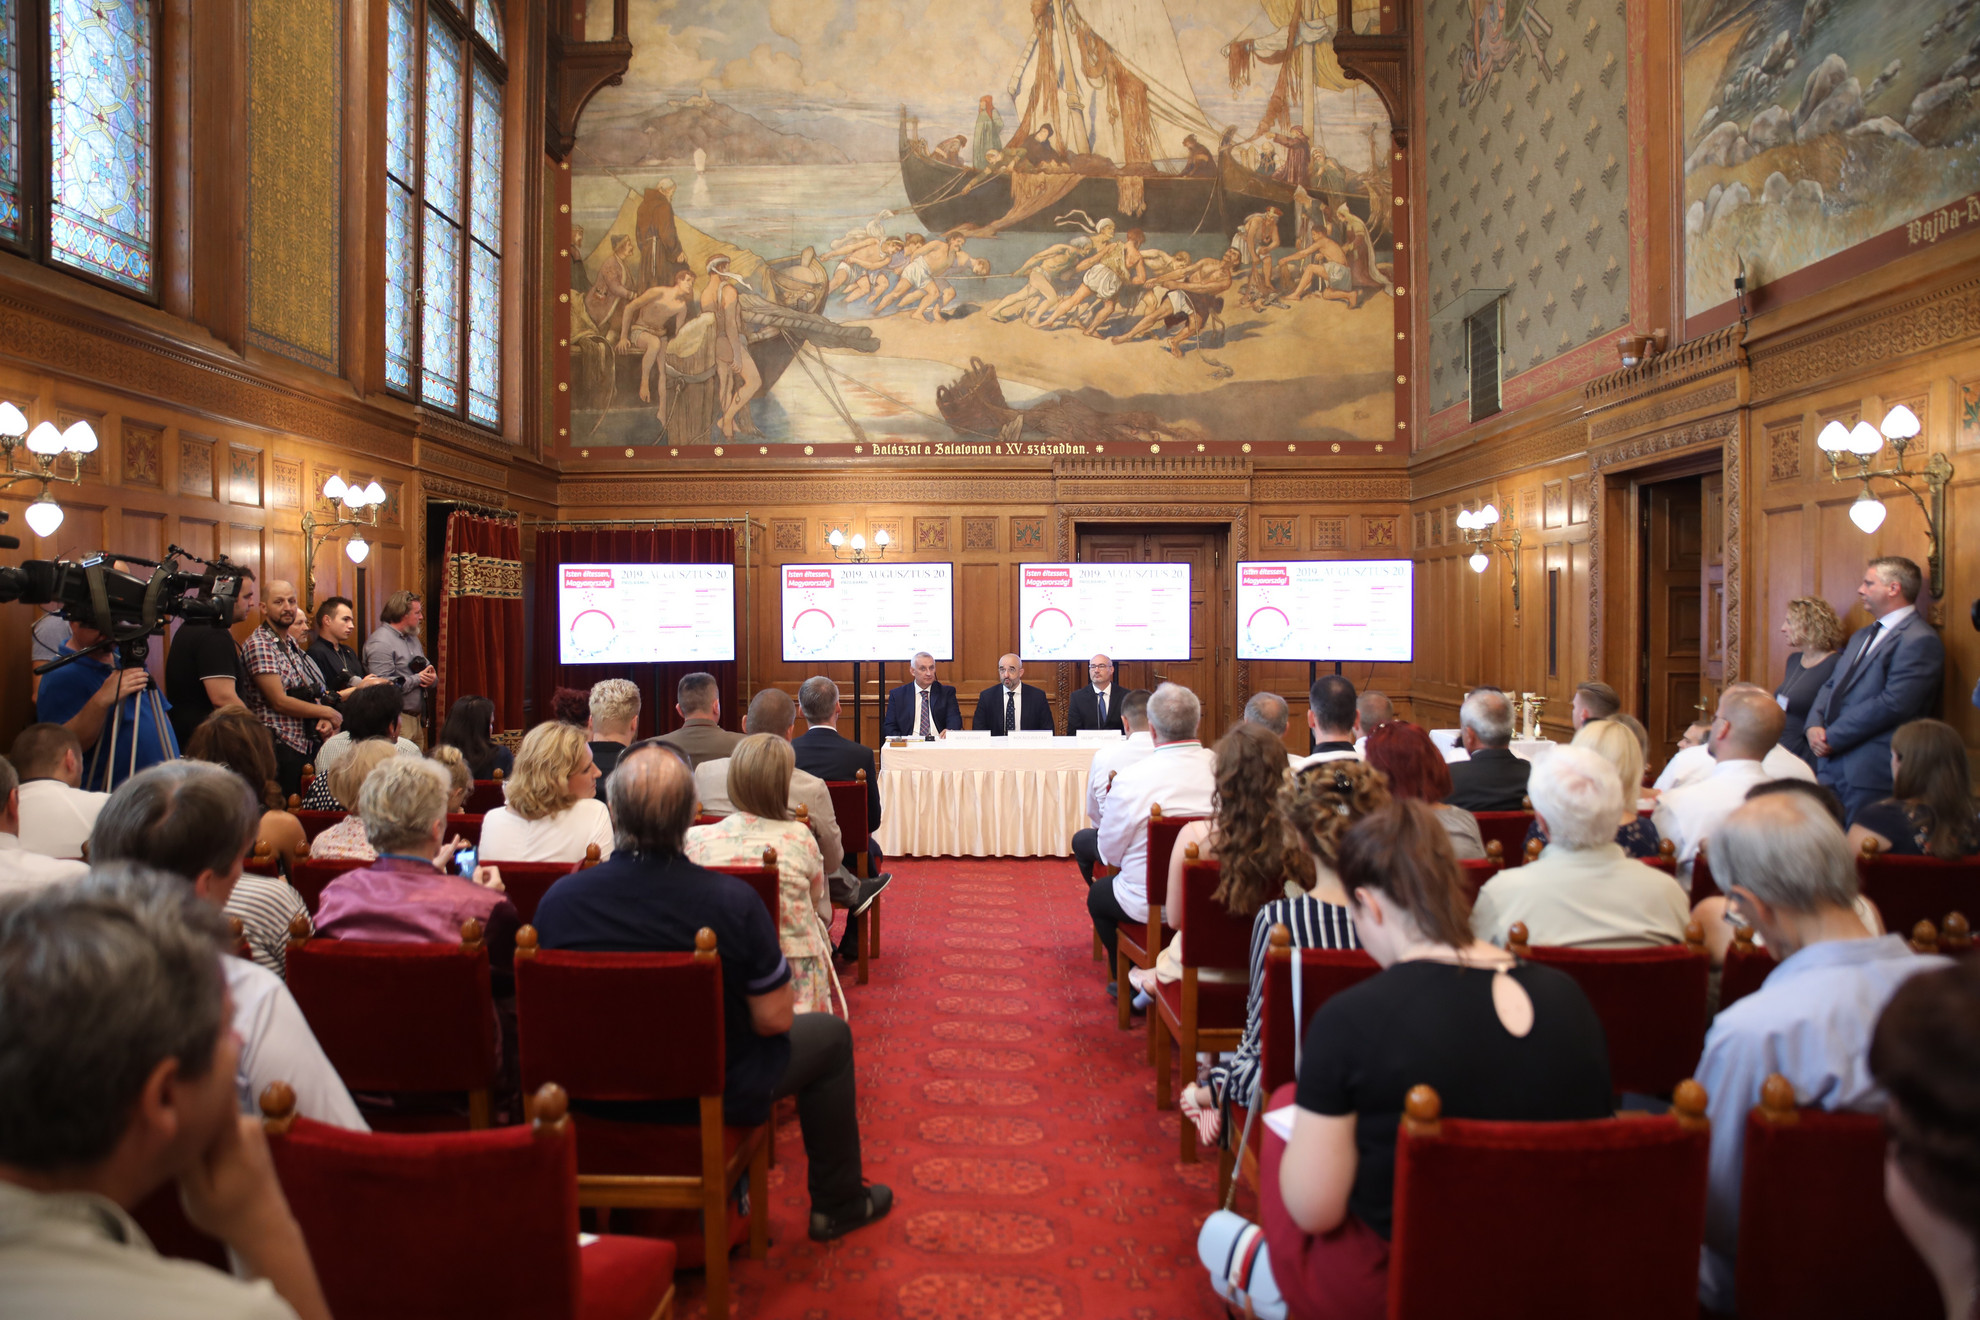 Az ünnepi rendezvényekről tartottak sajtótájékoztatót Budapesten